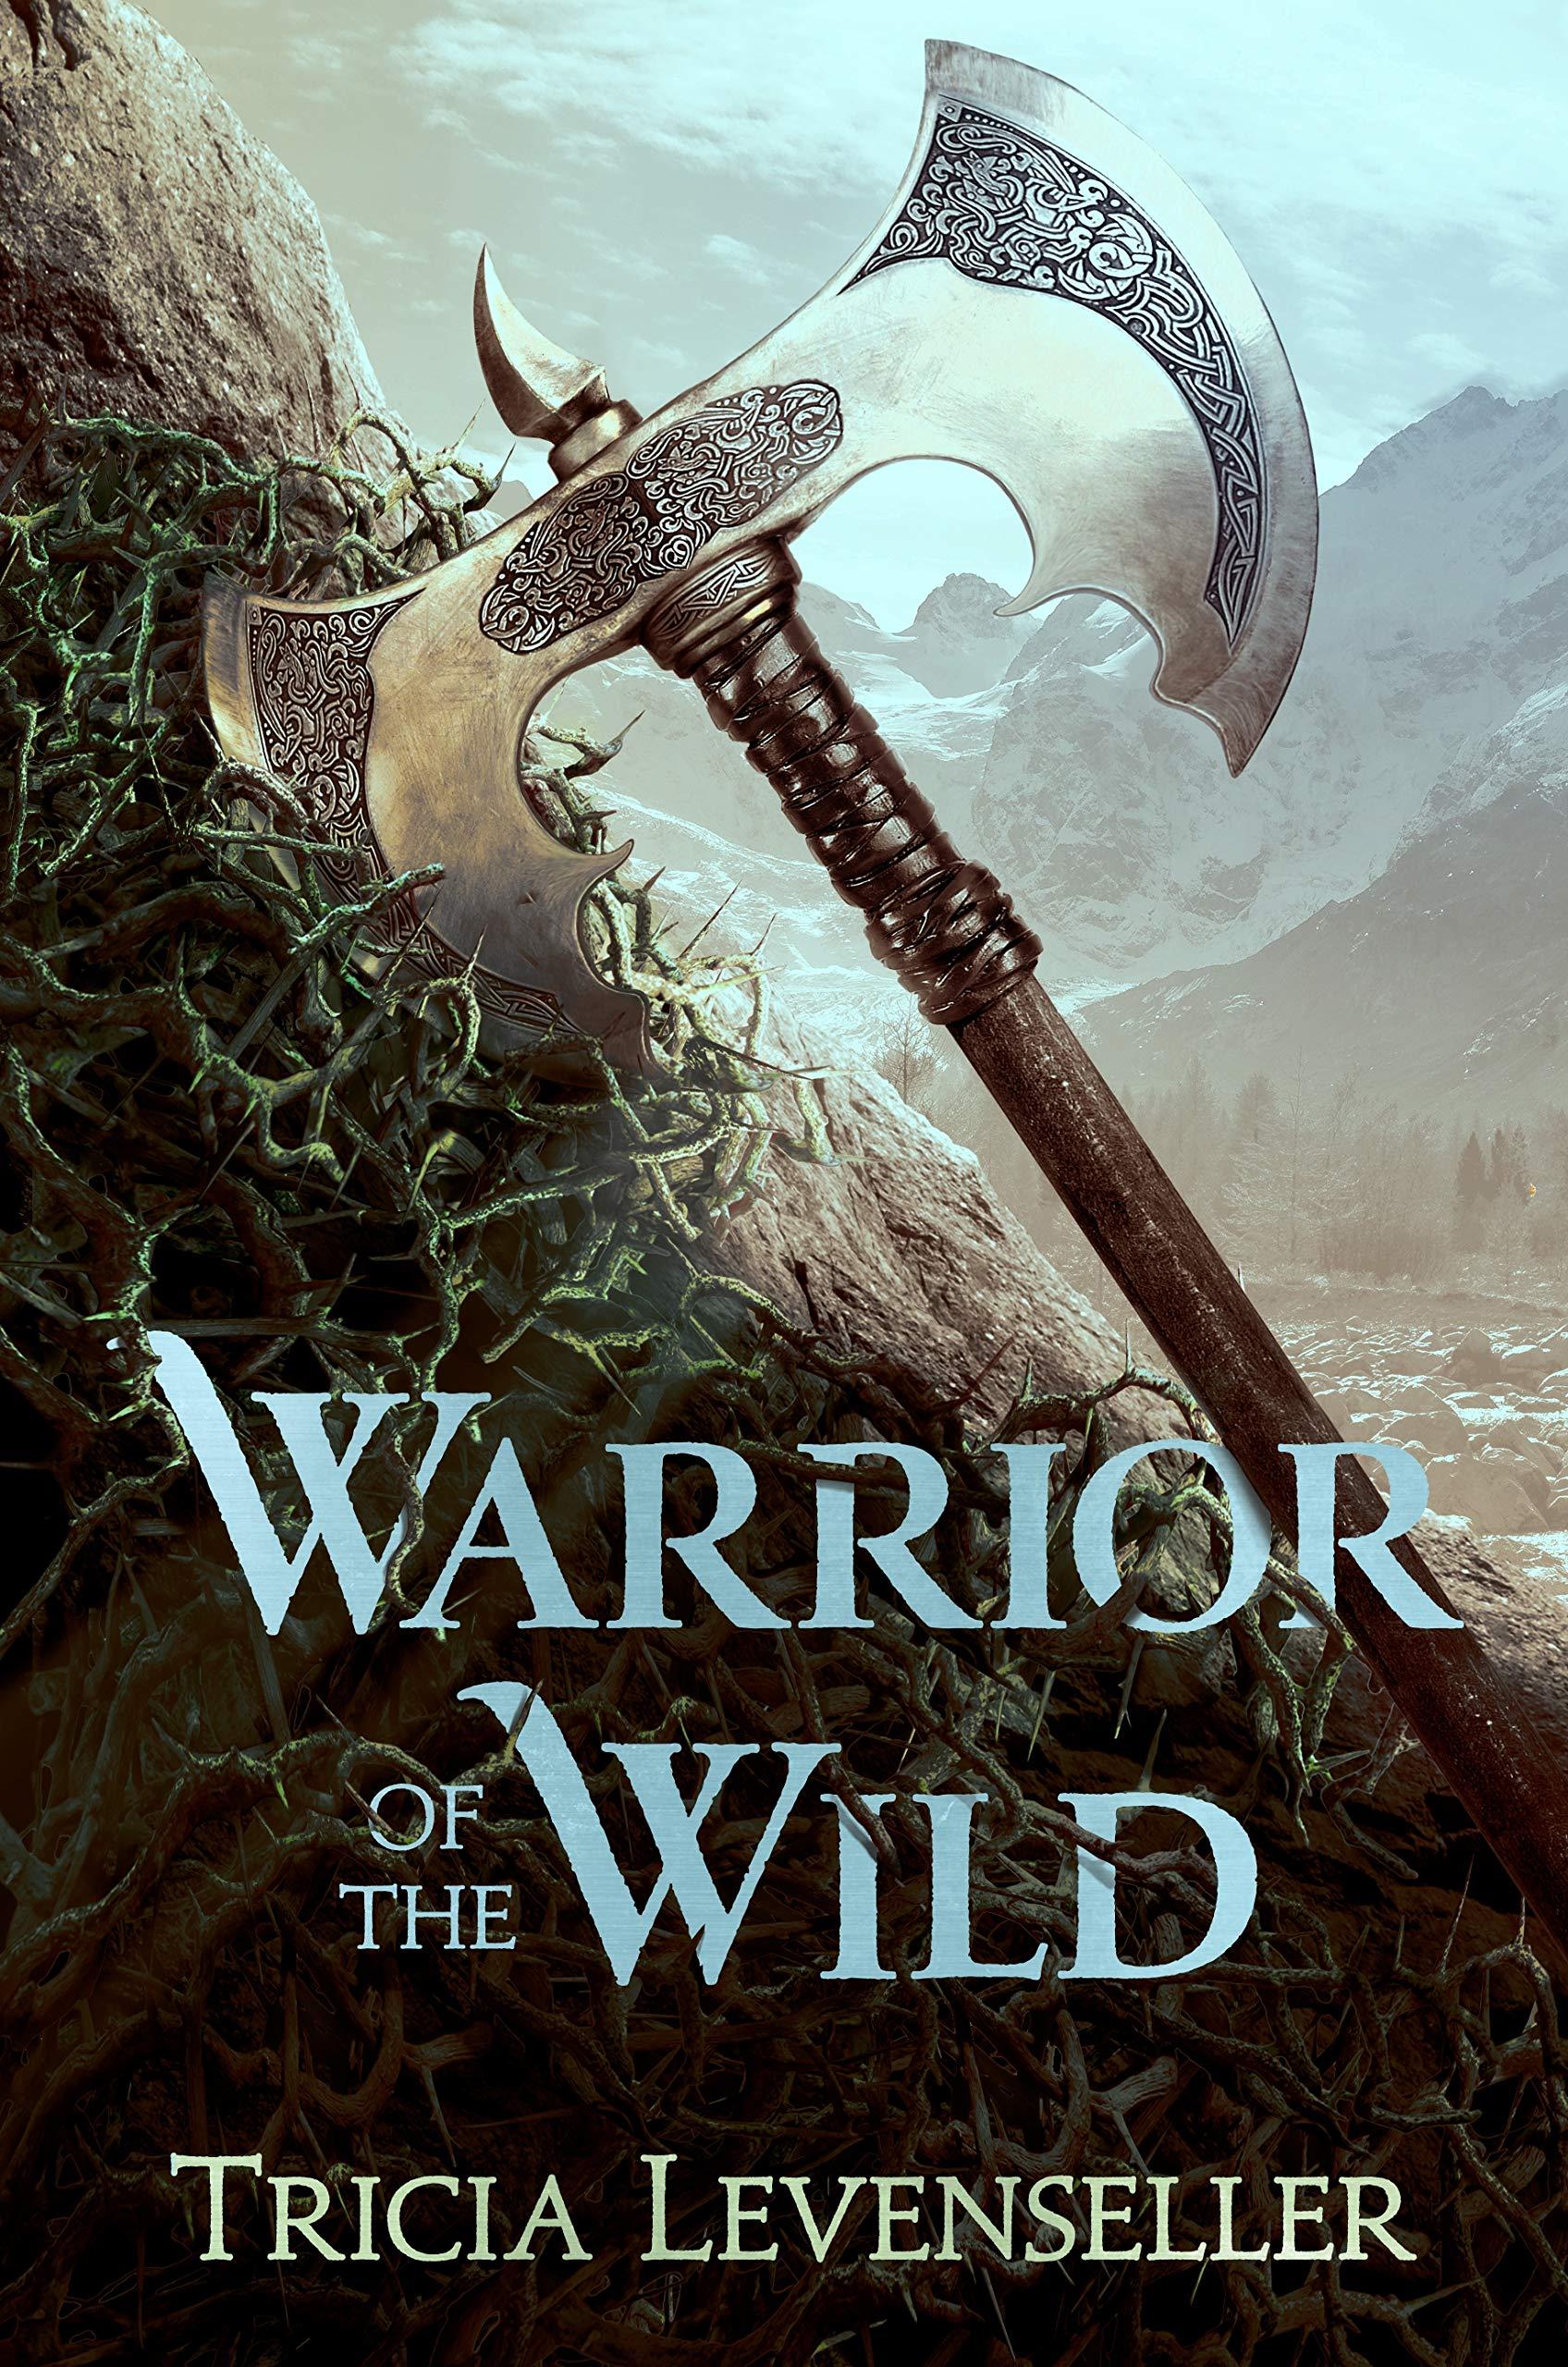 Amazon.com: Warrior of the Wild (9781250189943): Levenseller, Tricia: Books